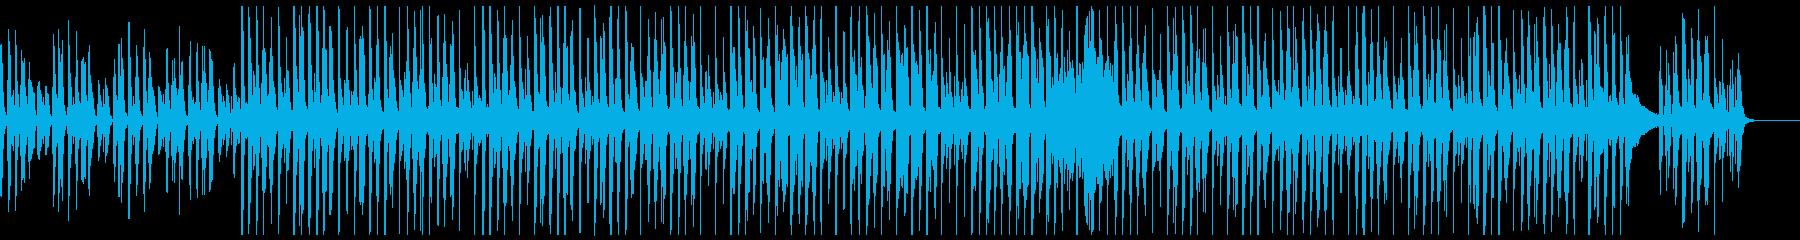 ピアノと口笛のほのぼの可愛いポップスの再生済みの波形